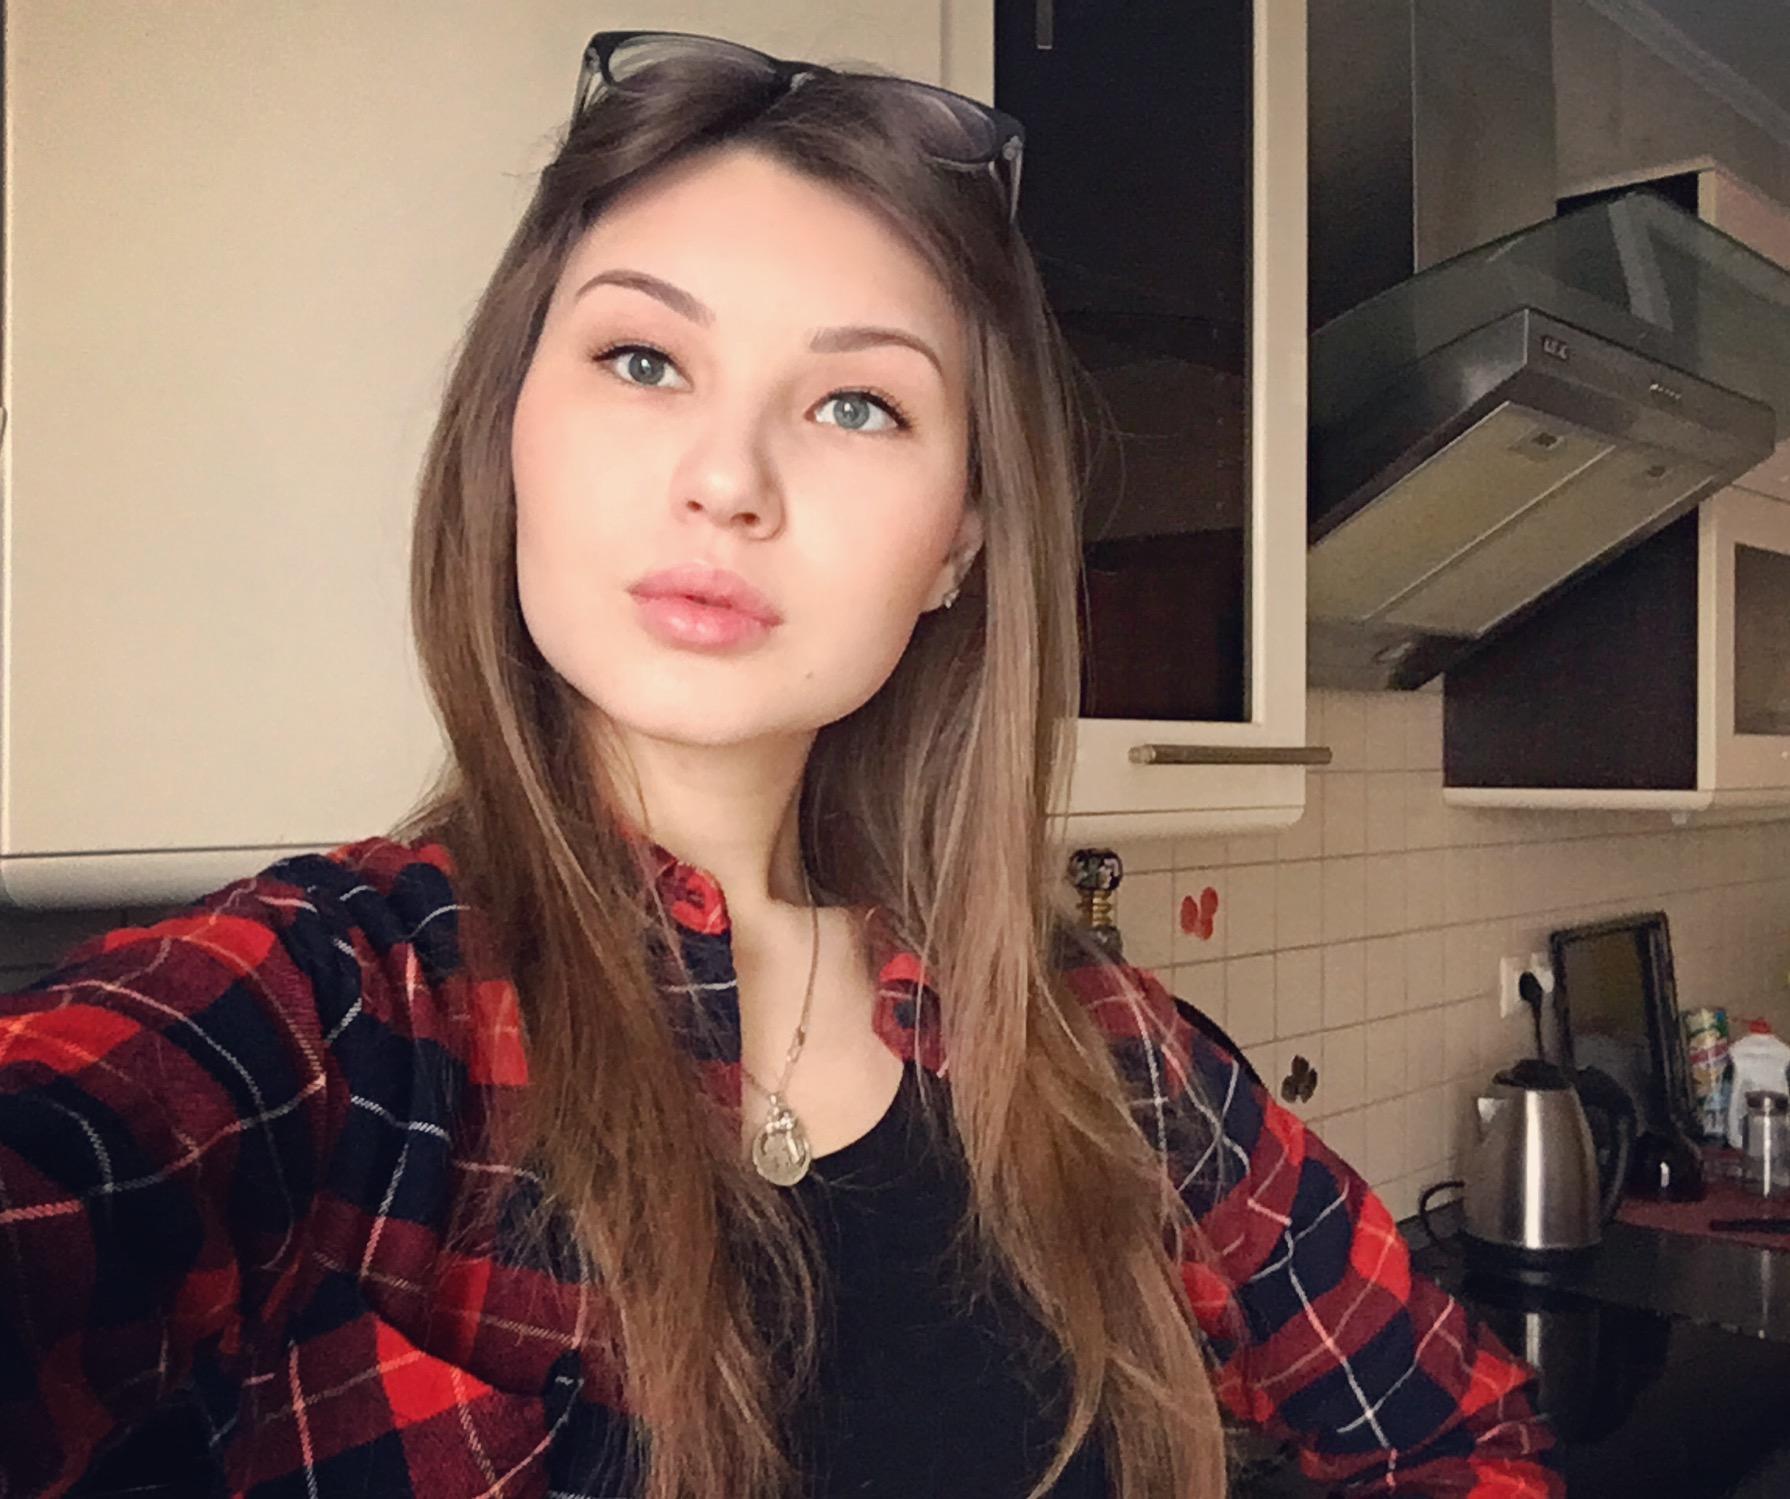 Соловьева Юлия